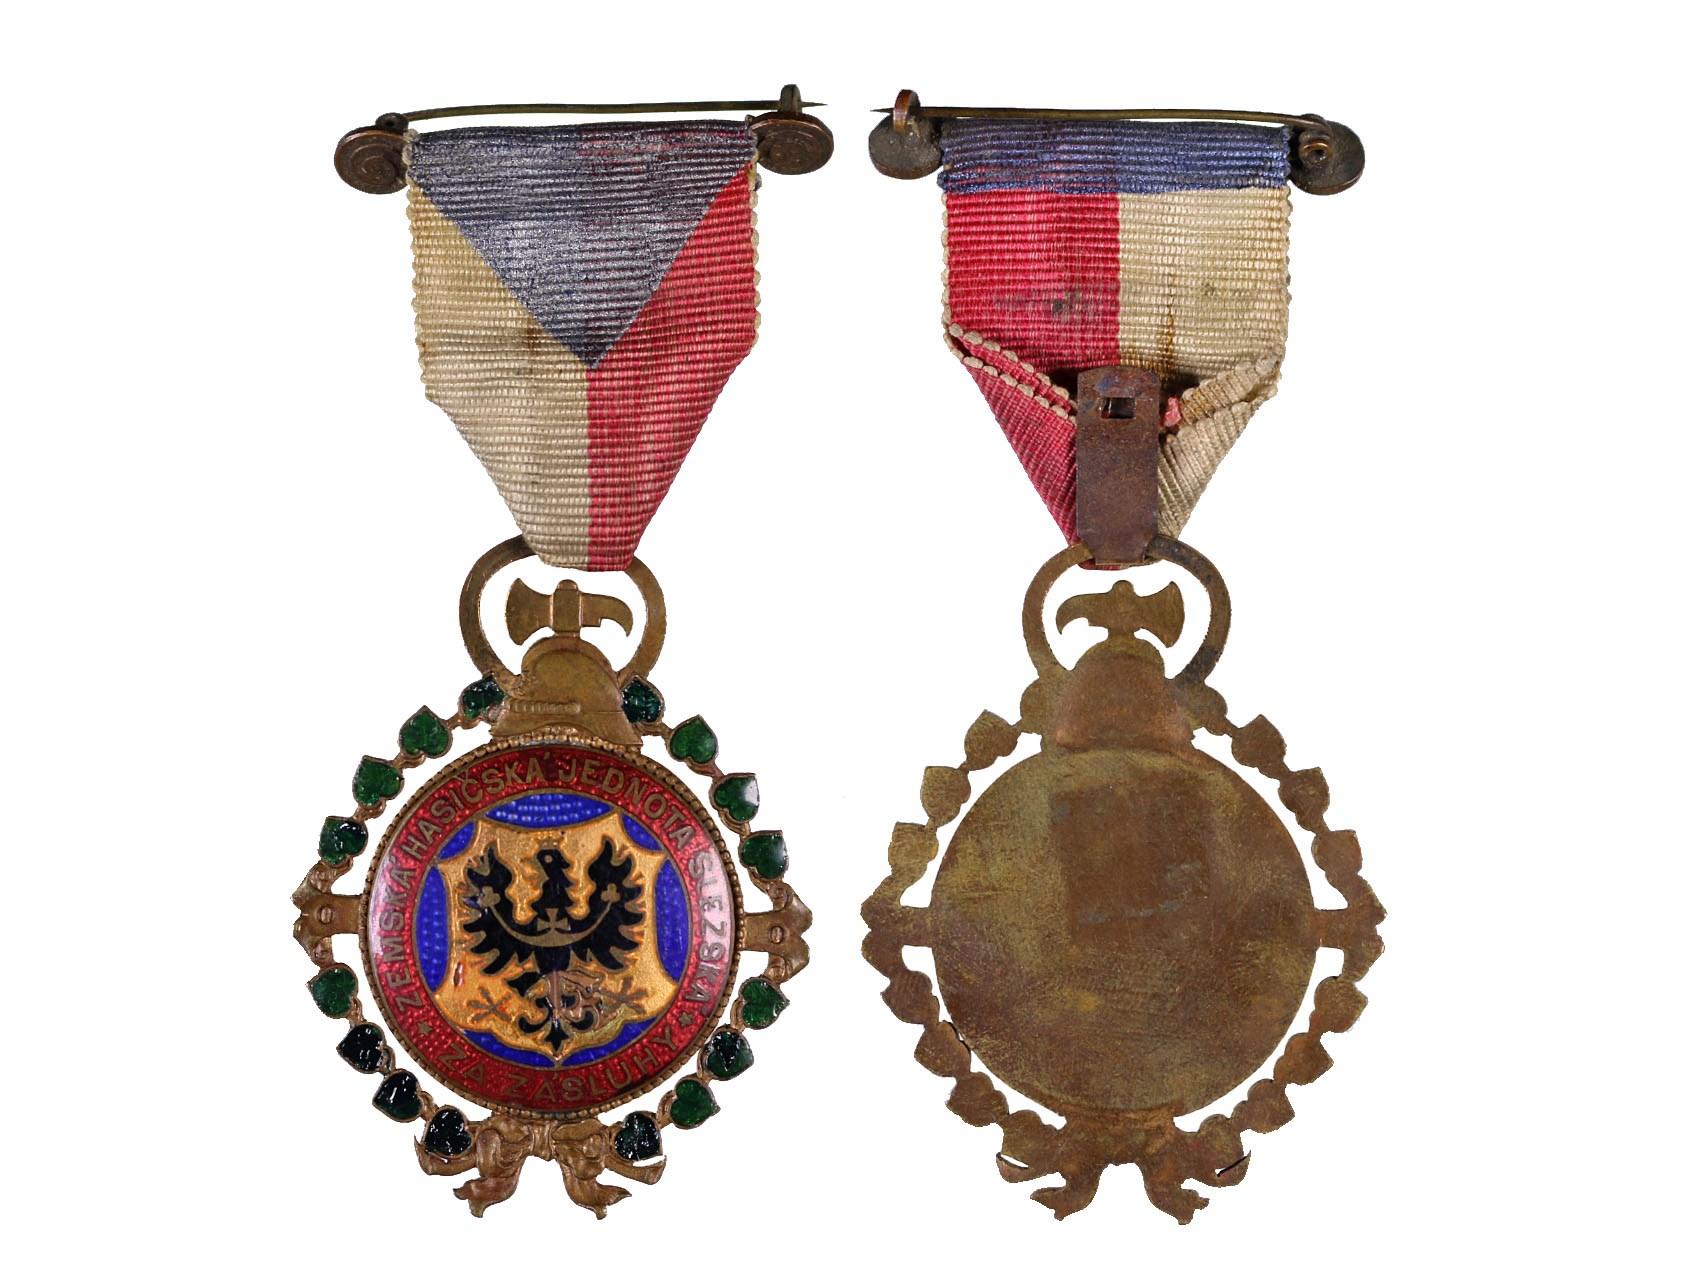 Medaile Za zásluhy, zemské hasičské jednoty slezské, bronz, smalty, původní stuha